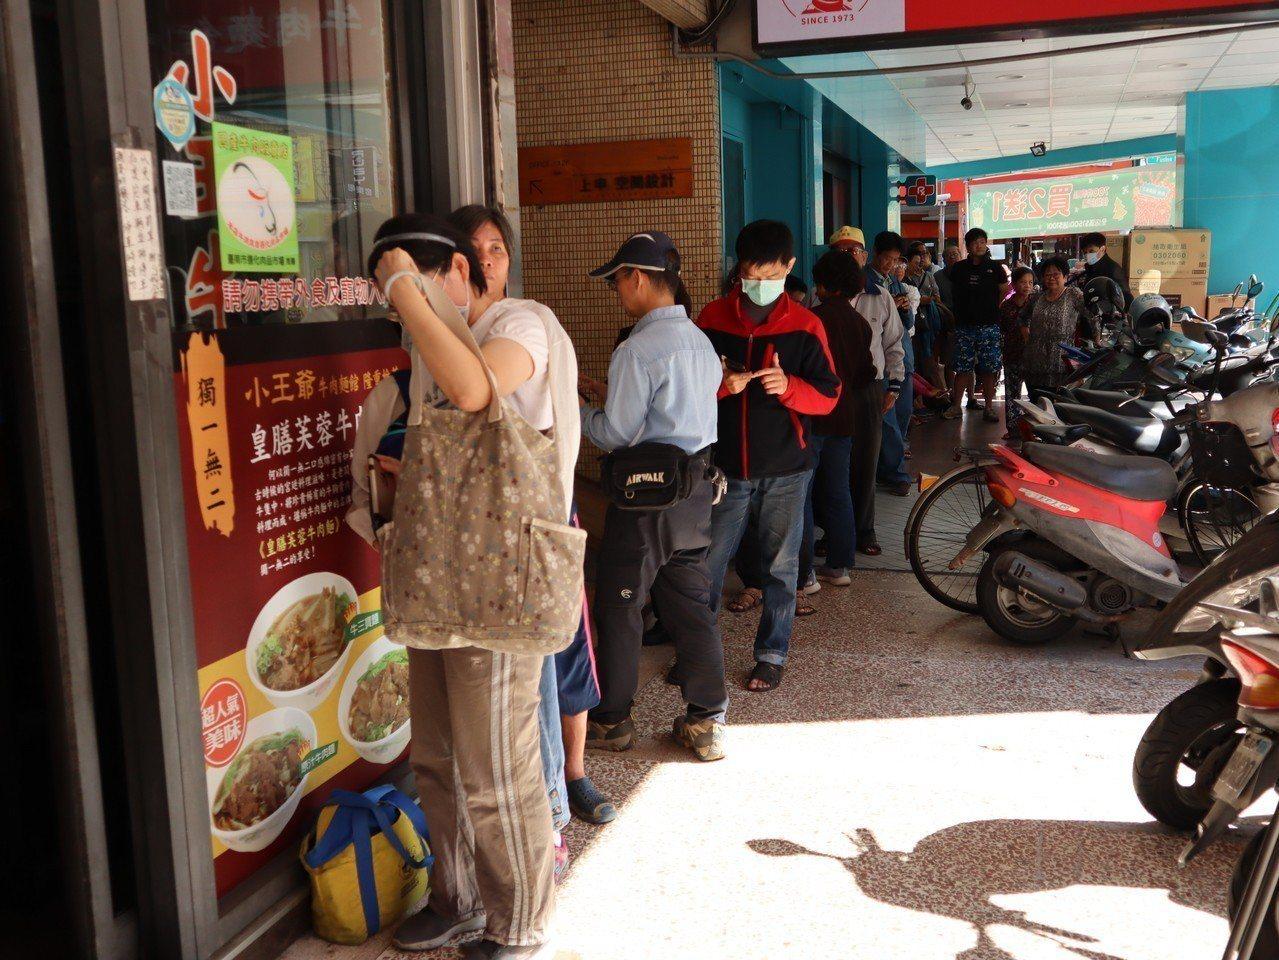 高雄市六合路一間牛肉麵館今天上午11點免費發送200碗牛肉麵,吸引不少民眾停下來...